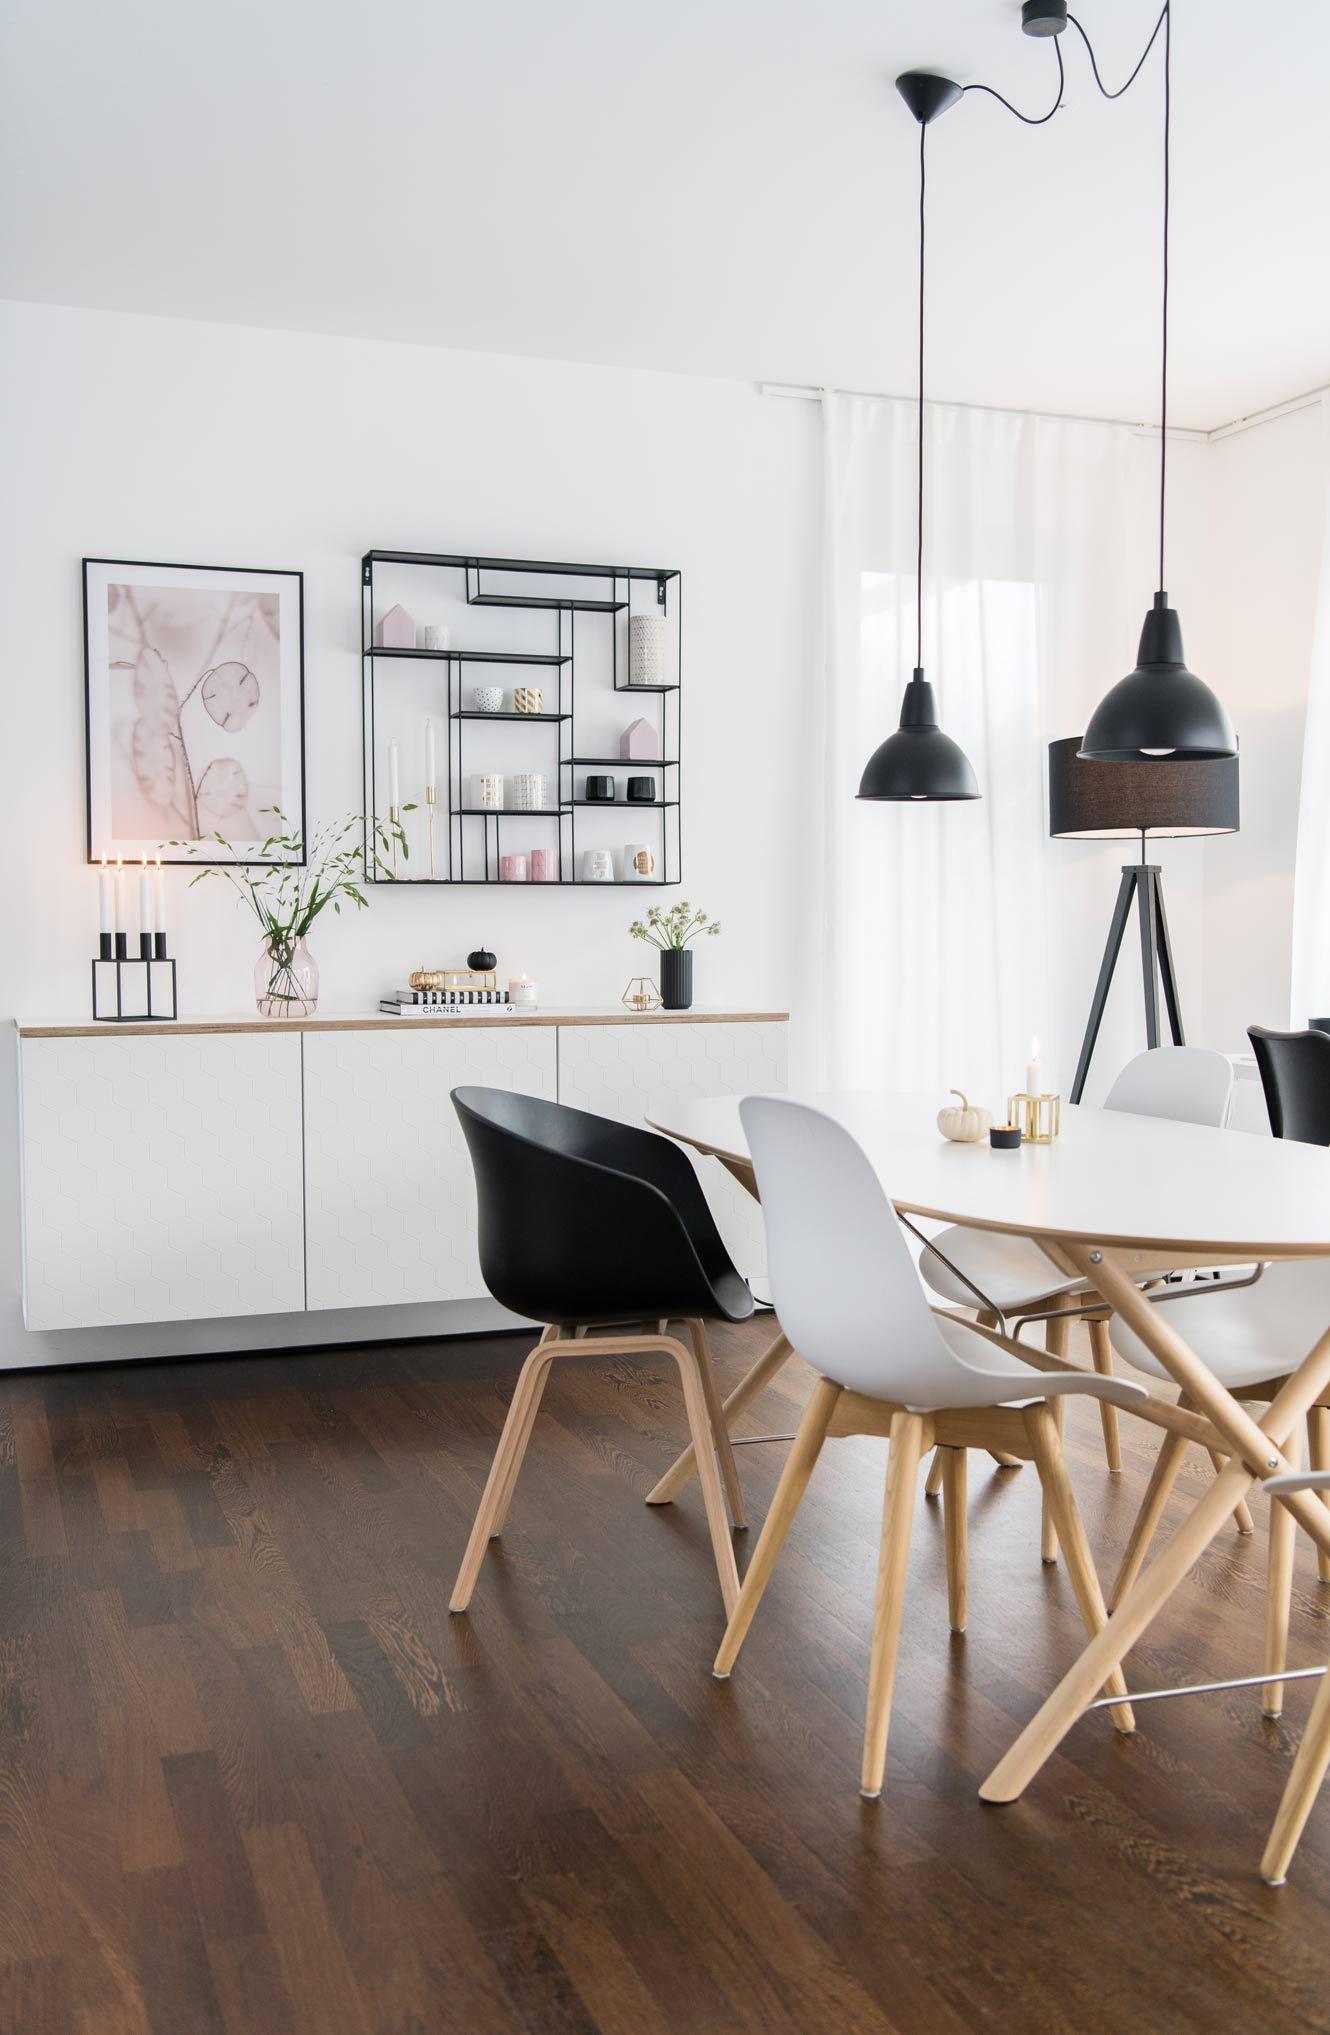 Diy Ikea Besta Mit Multiplex Platte Soul Follows Design Ikea Wohnzimmer Wohnen Ikea